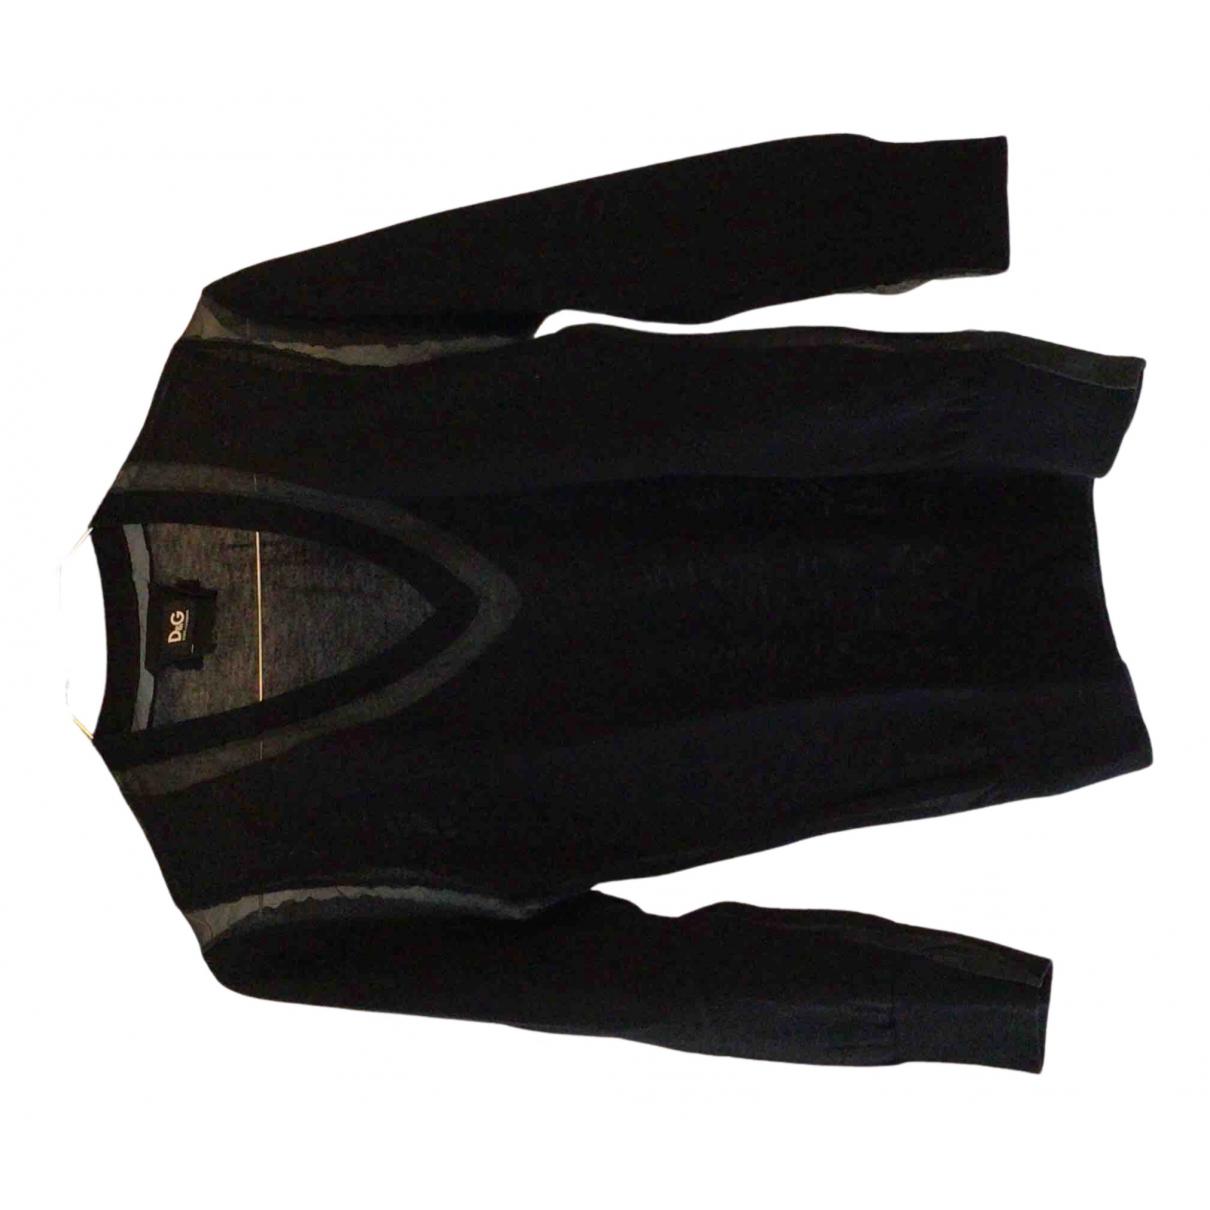 D&g N Black Cotton Knitwear for Women 44 IT